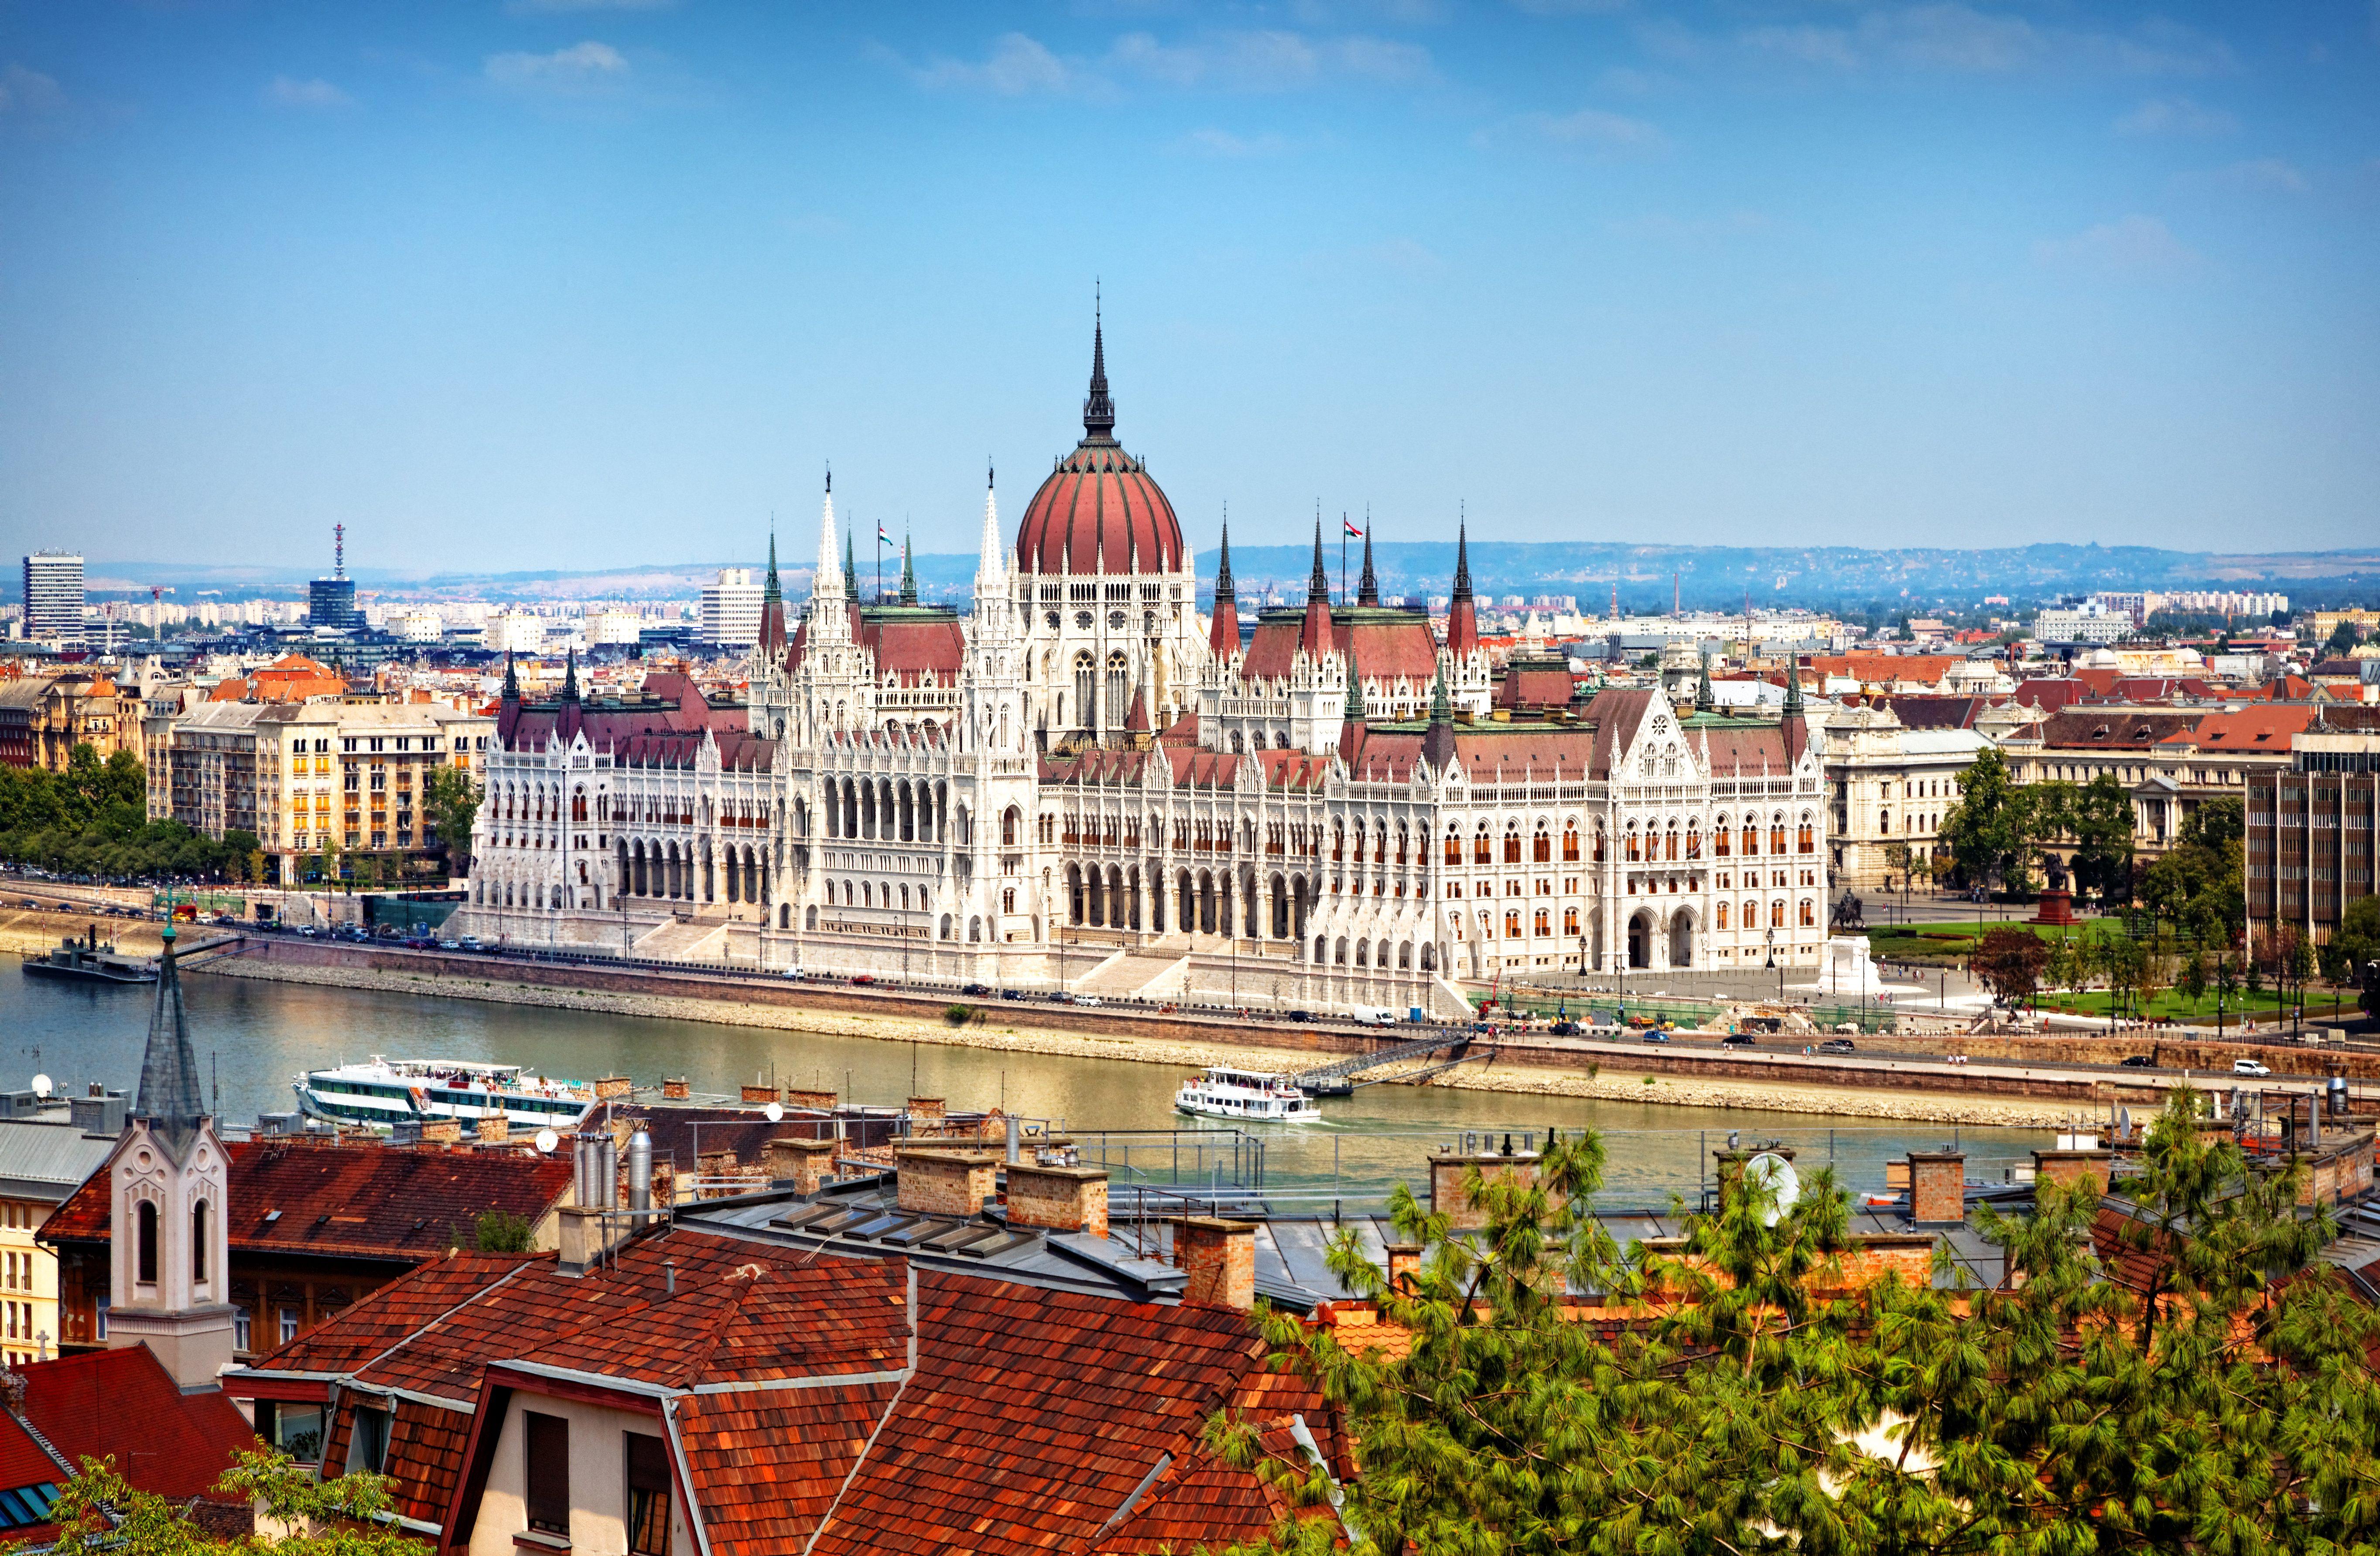 Budapest inaugura il suo Europeo: le specialità tipiche dello street food locale